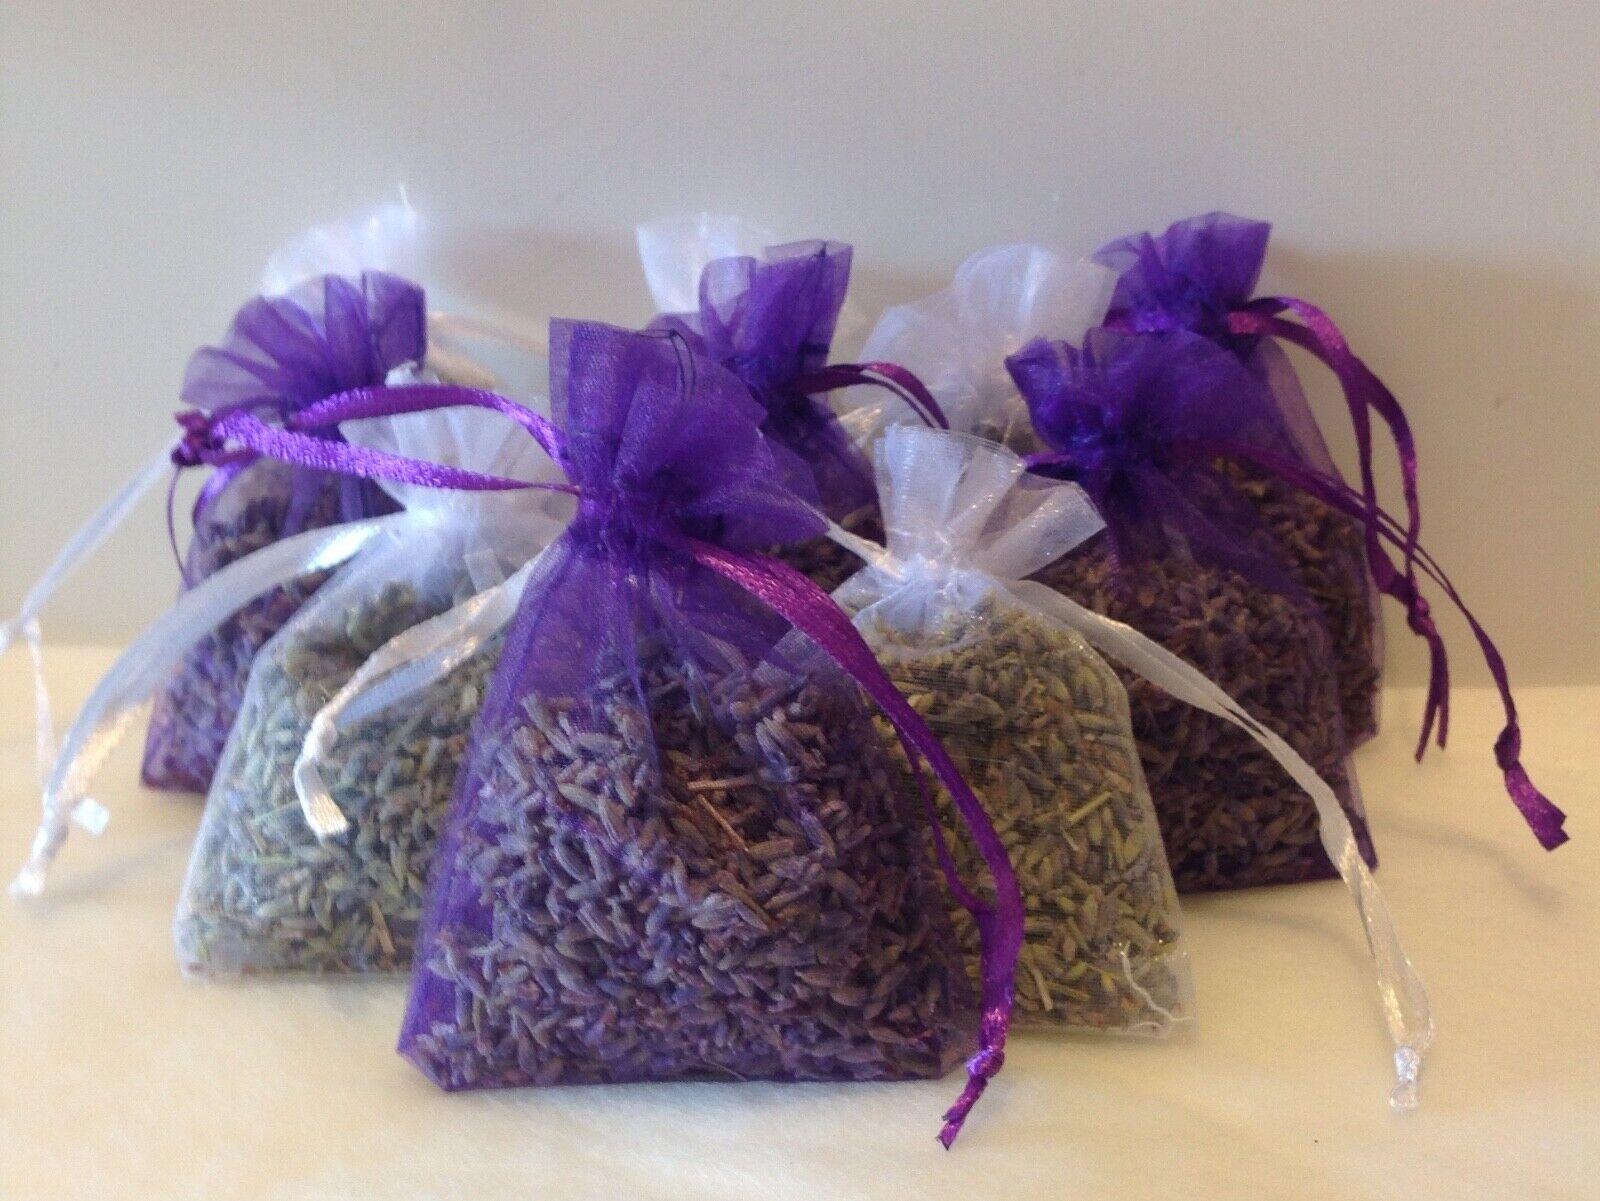 10 Lavendelsäckchen  Lavendelkissen Duftkissen Gastgeschenk